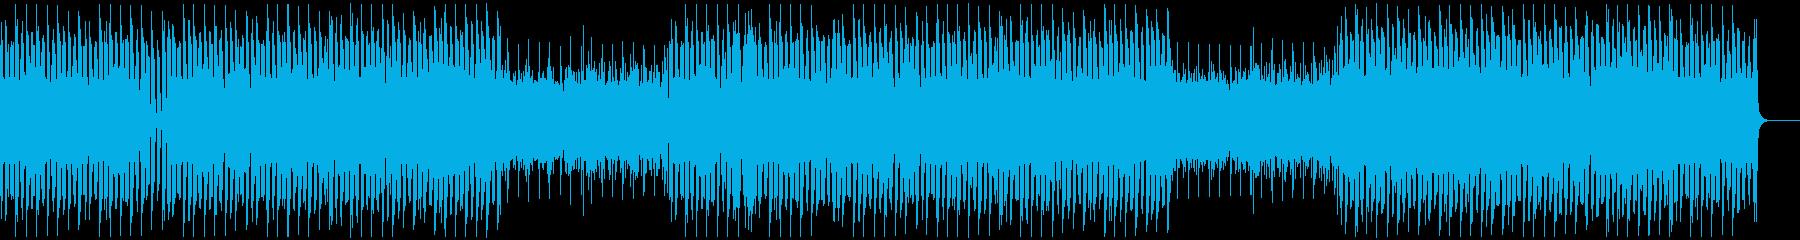 パズル 組み立て 集中 タイムアップの再生済みの波形